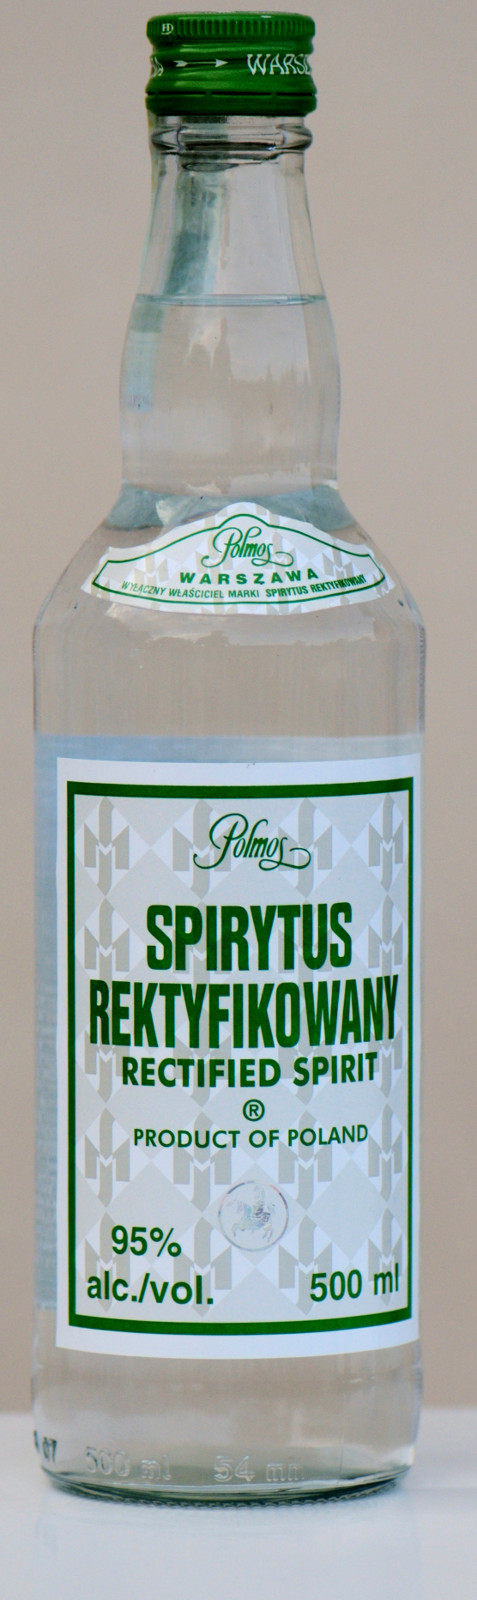 Polmos Spirytus Rektyfikowany - Polish 95 per cent proof spirit